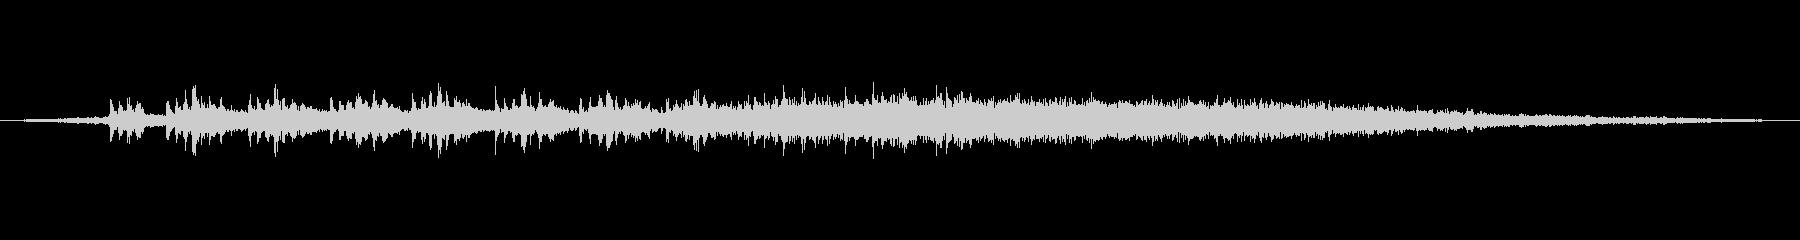 【環境音】電車の通過02【HPL】の未再生の波形